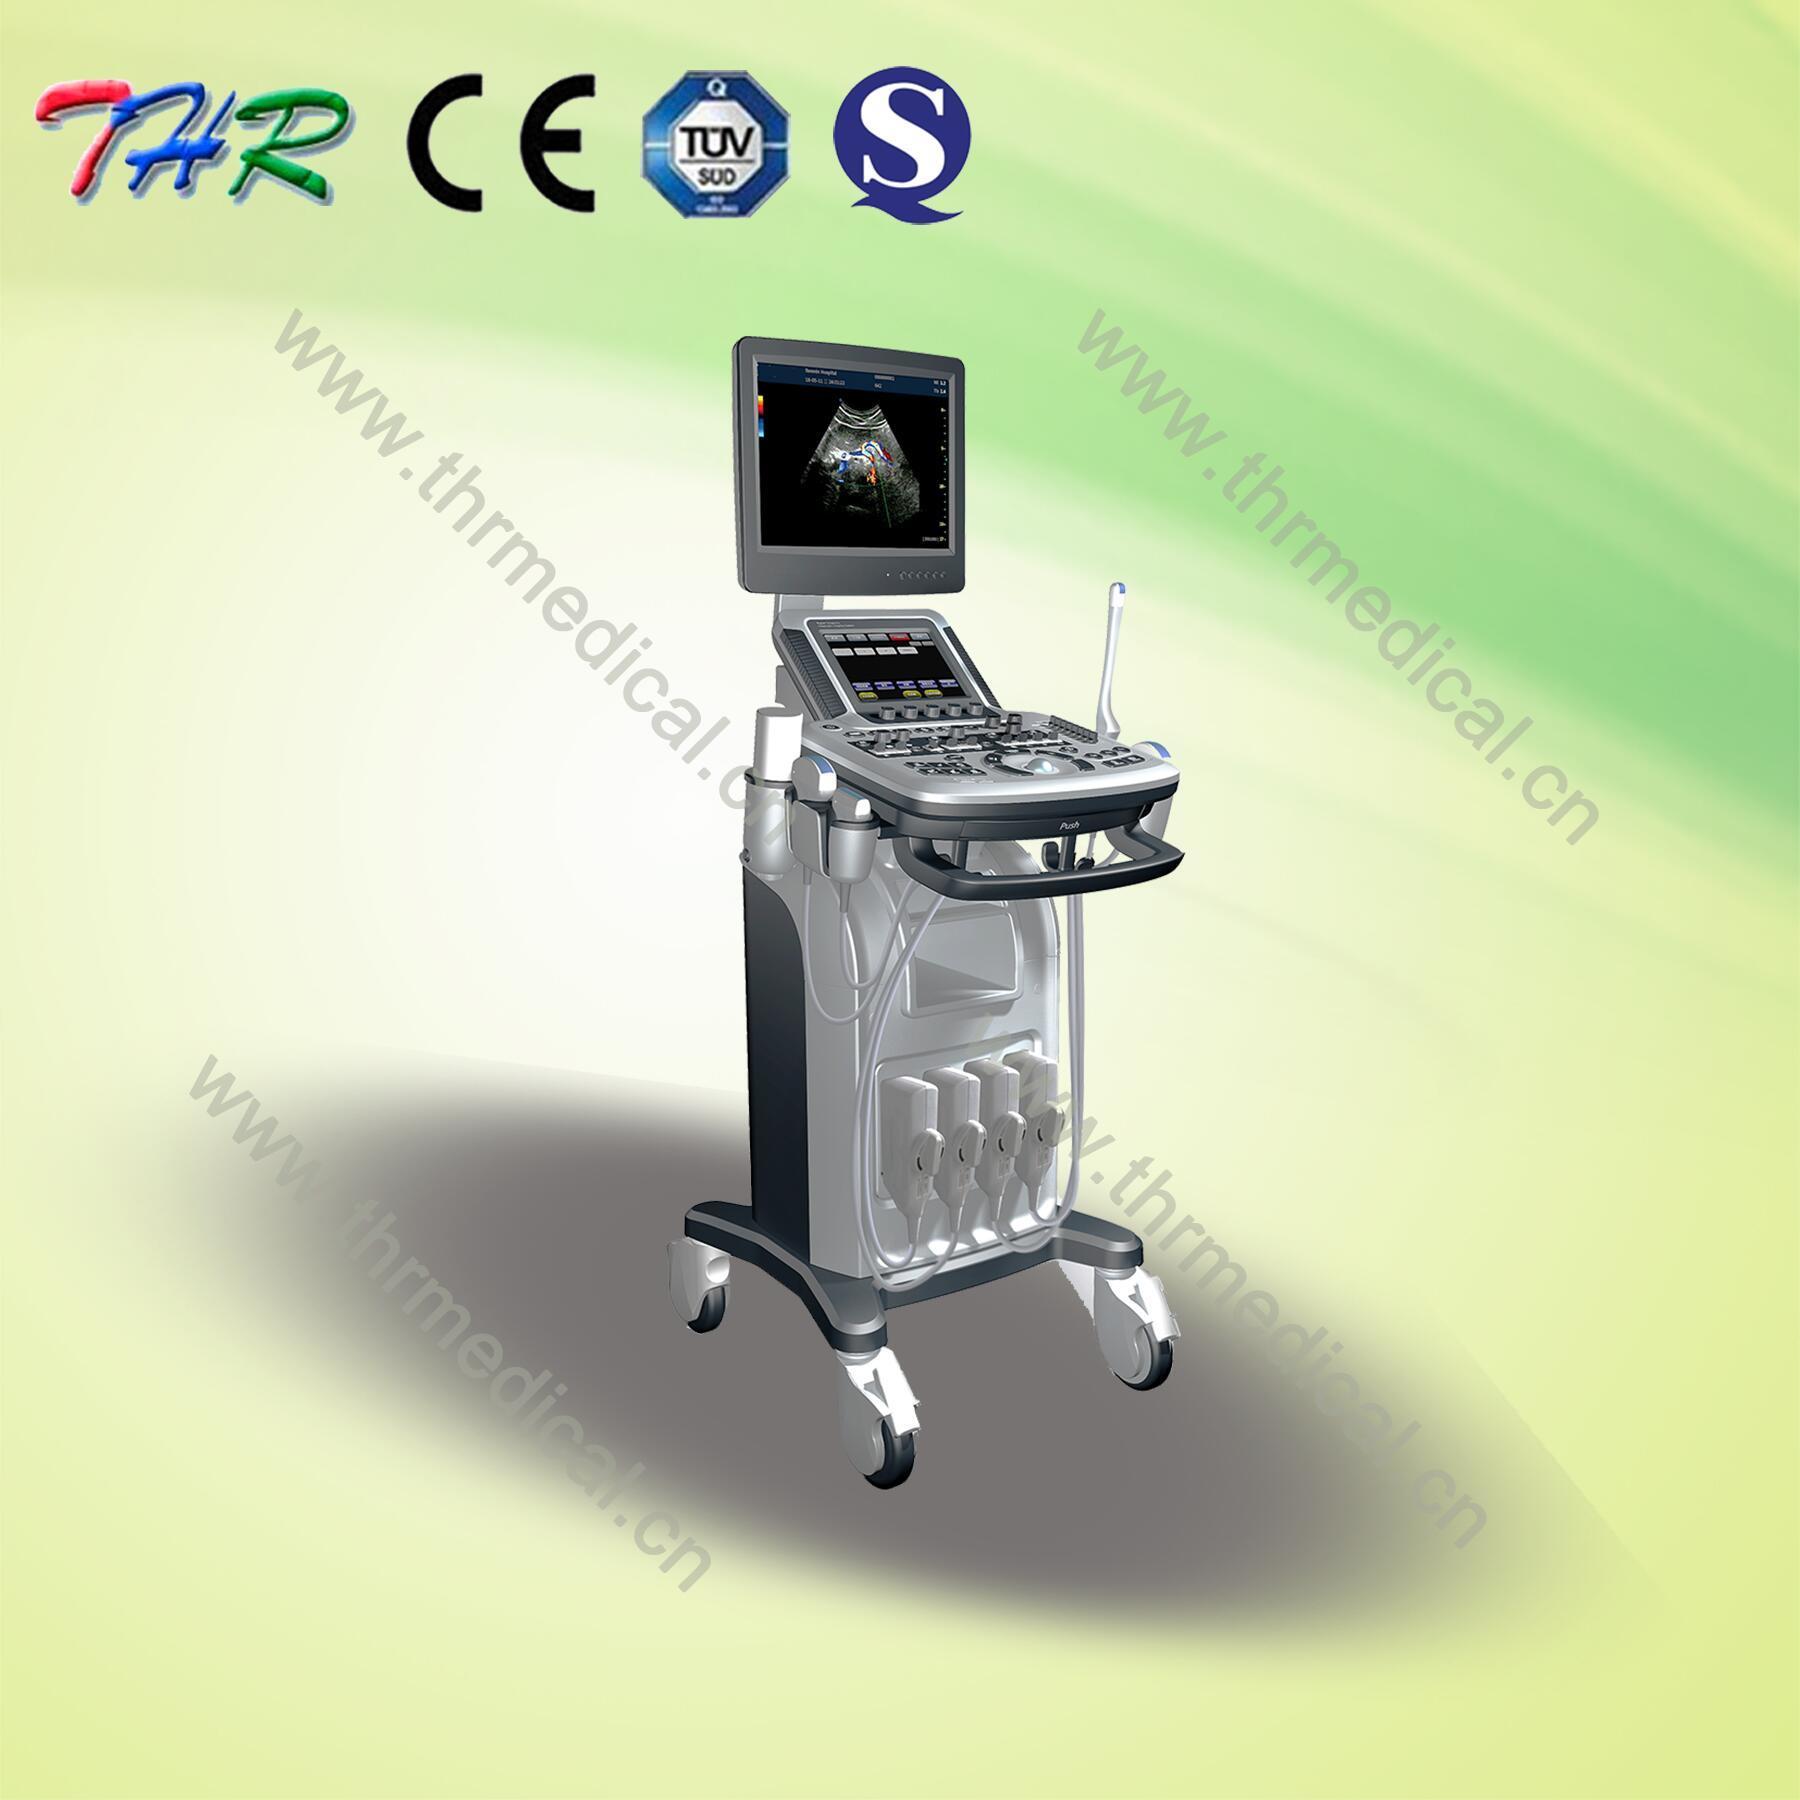 4D Color Doppler Ultrasound Scanner Trolley (THR-CD003Q)